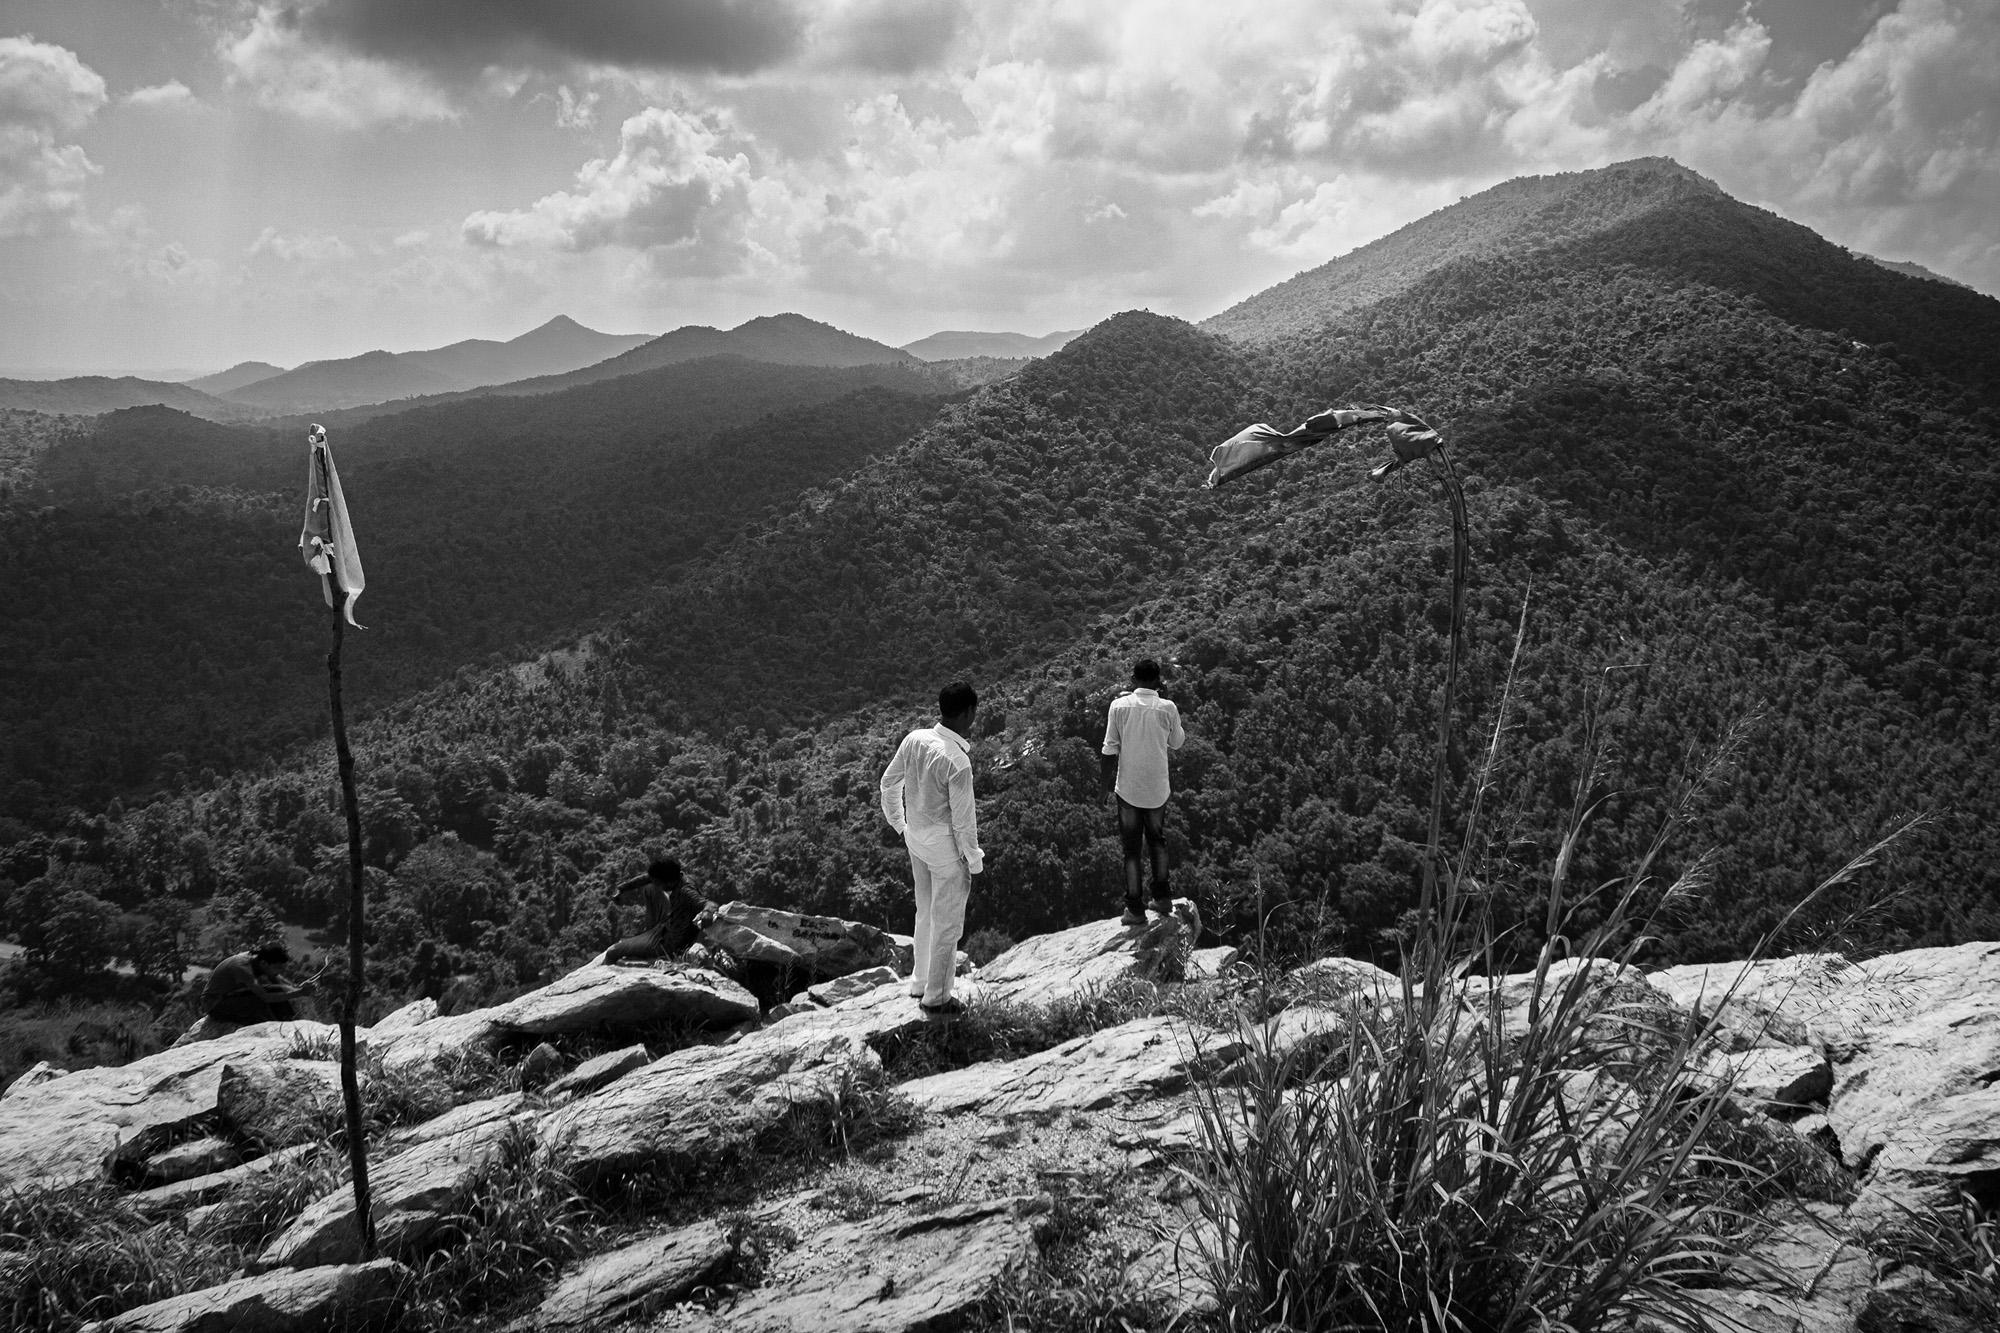 जादूगौड़ा की पहाड़ियों में वर्ष 1967 से ही खनन का काम होता आ रहा है। ग्रामीणों का आरोप है कि लोगों का जीवन स्तर सुधरने के बजाए यहां के लोग गंभीर बीमारियों के शिकार हो गए हैं। फोटो- - सुभ्रजीत सेन